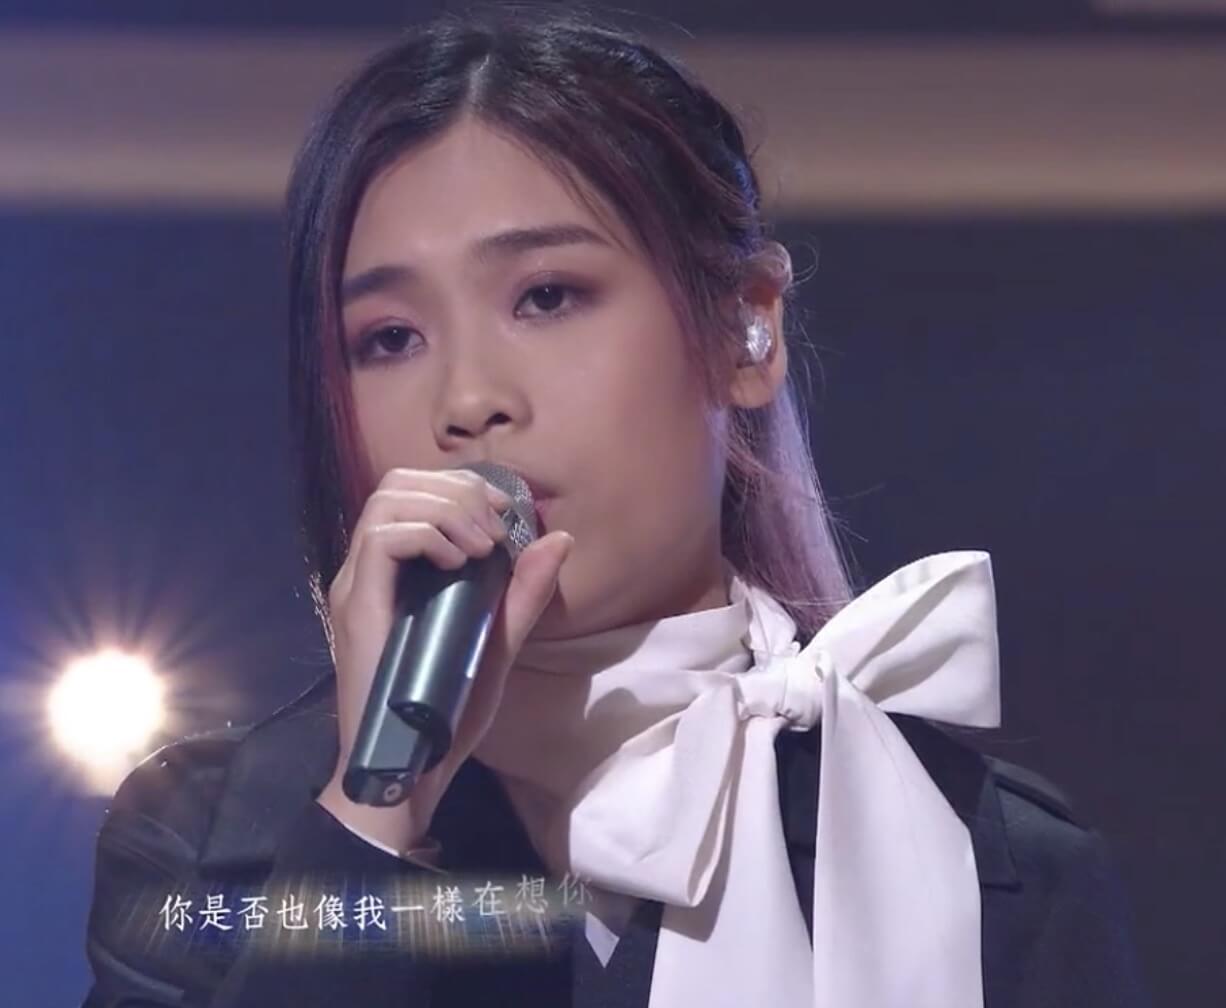 林君蓮今集用新方法唱《如果沒獅你》被淘汰